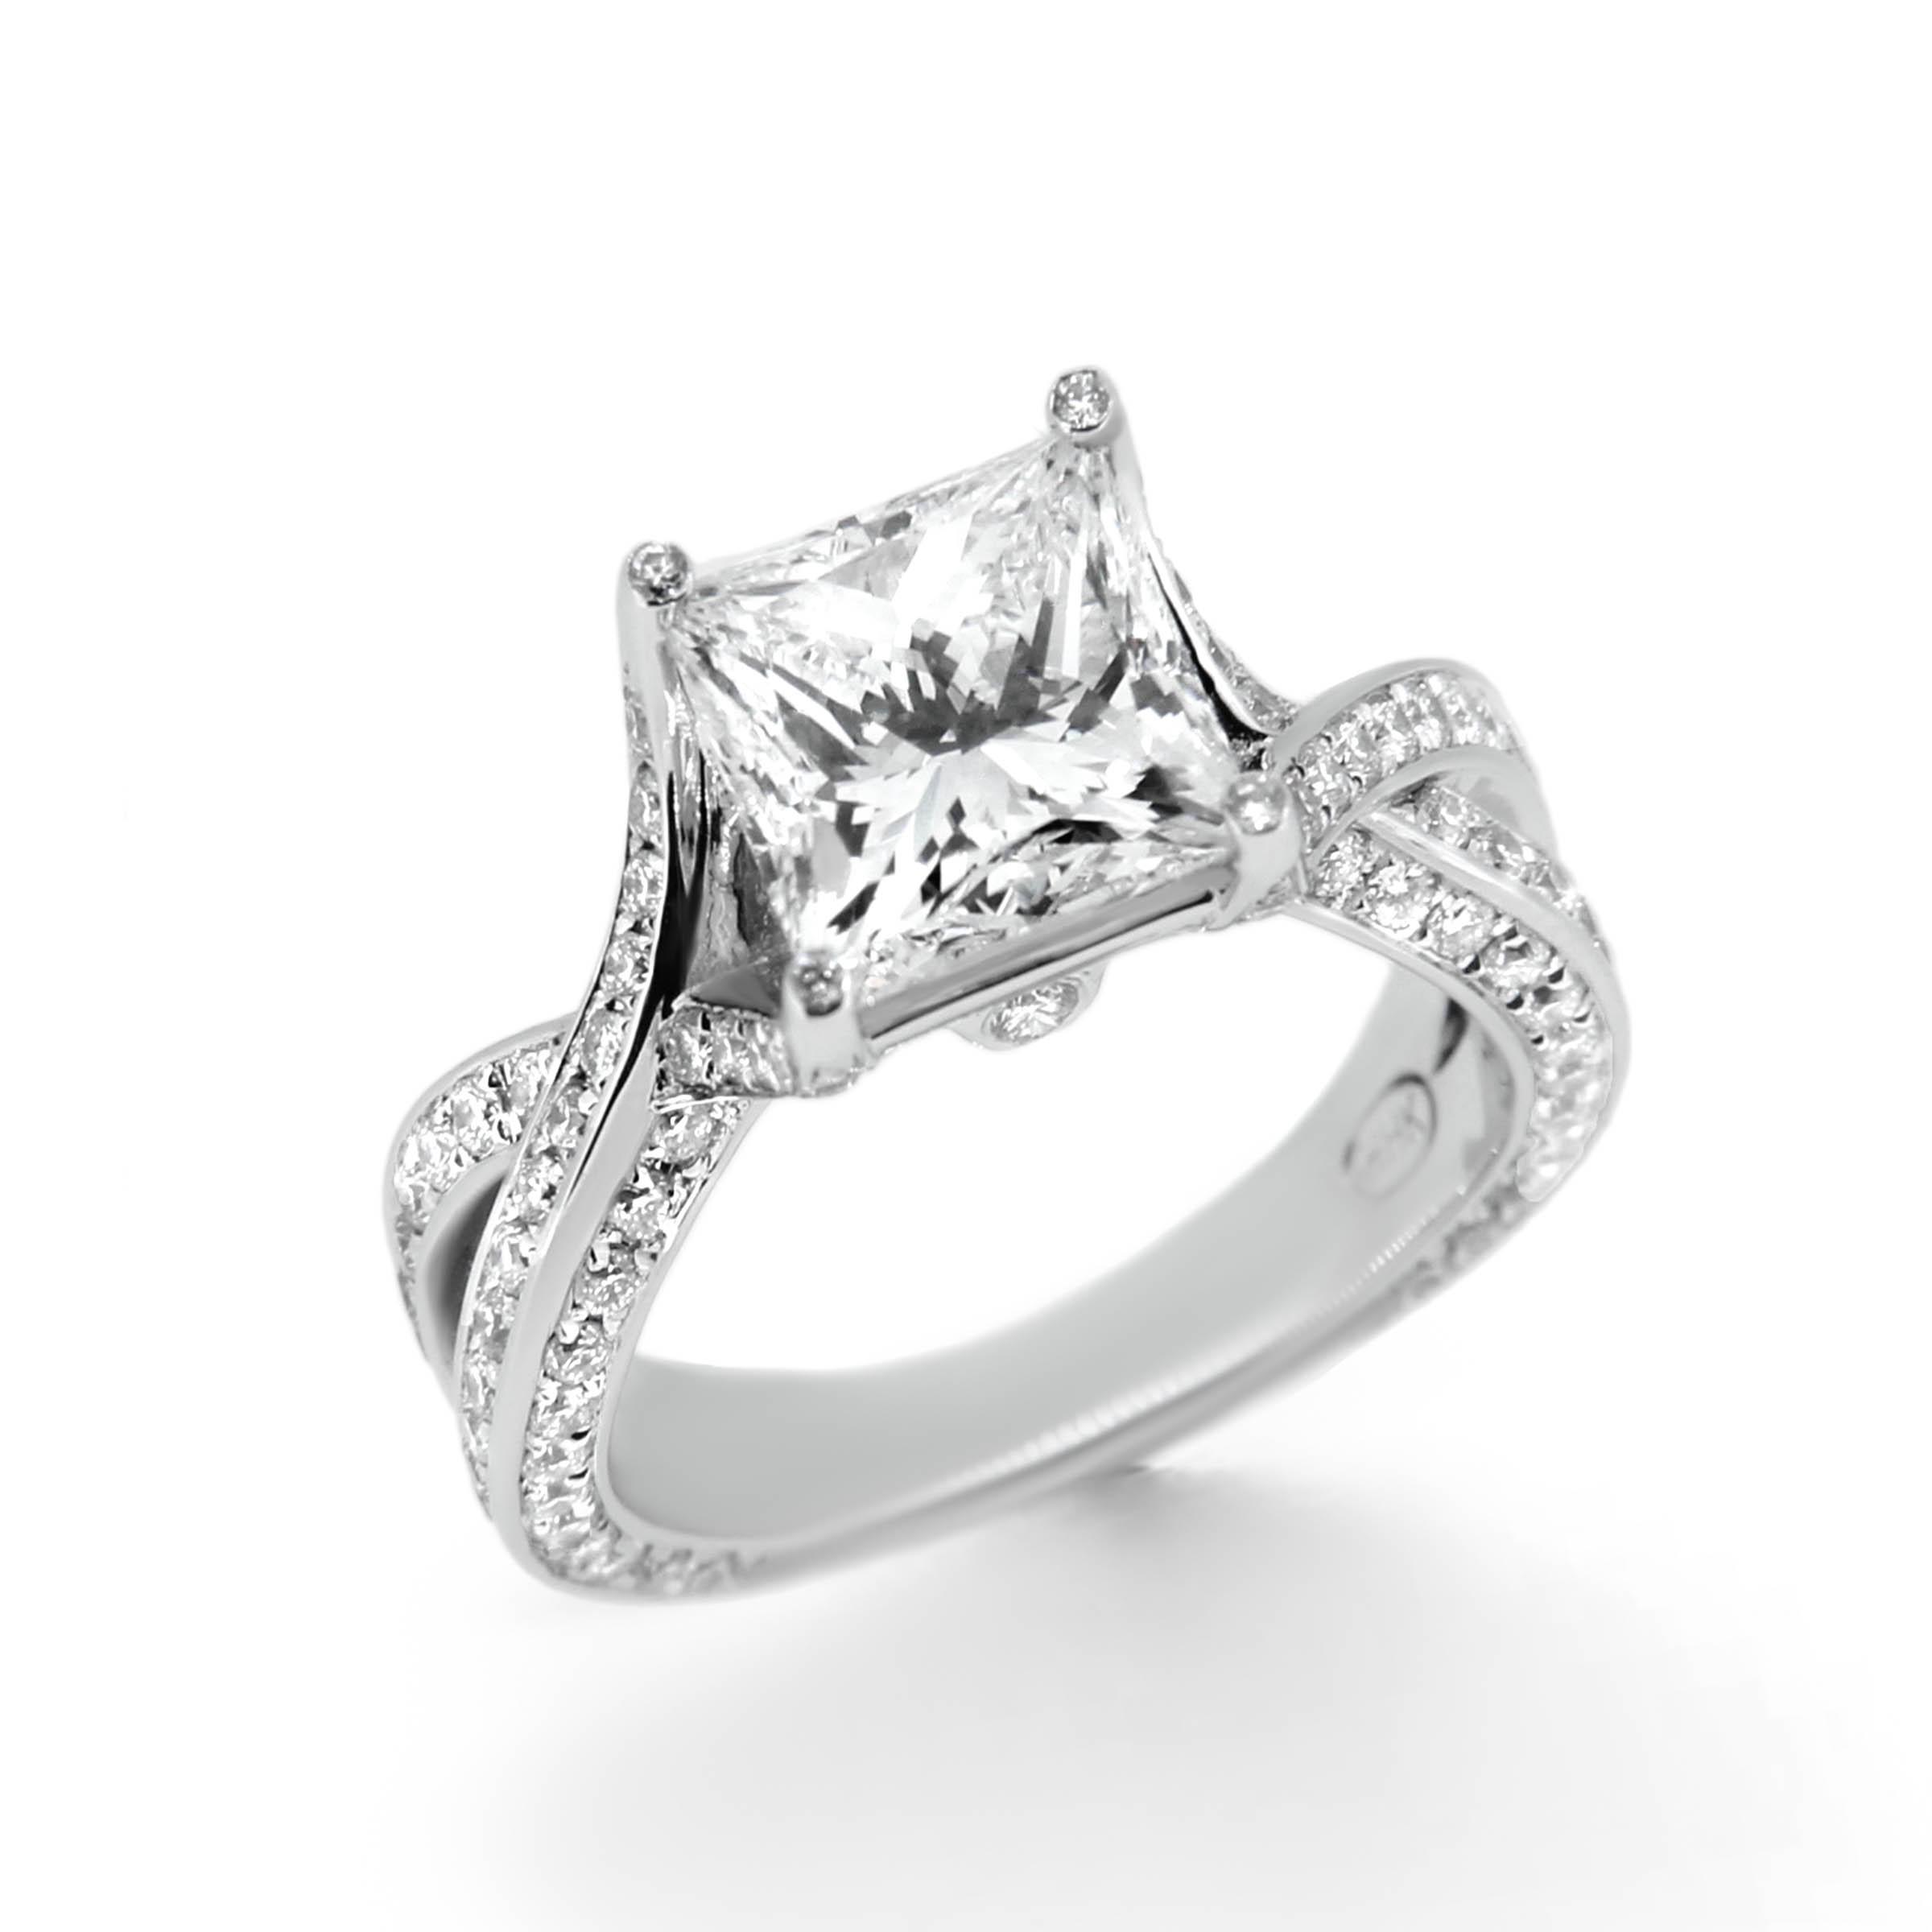 Princess Cut Twist Band Engagement Ring - Haywards of Hong ...